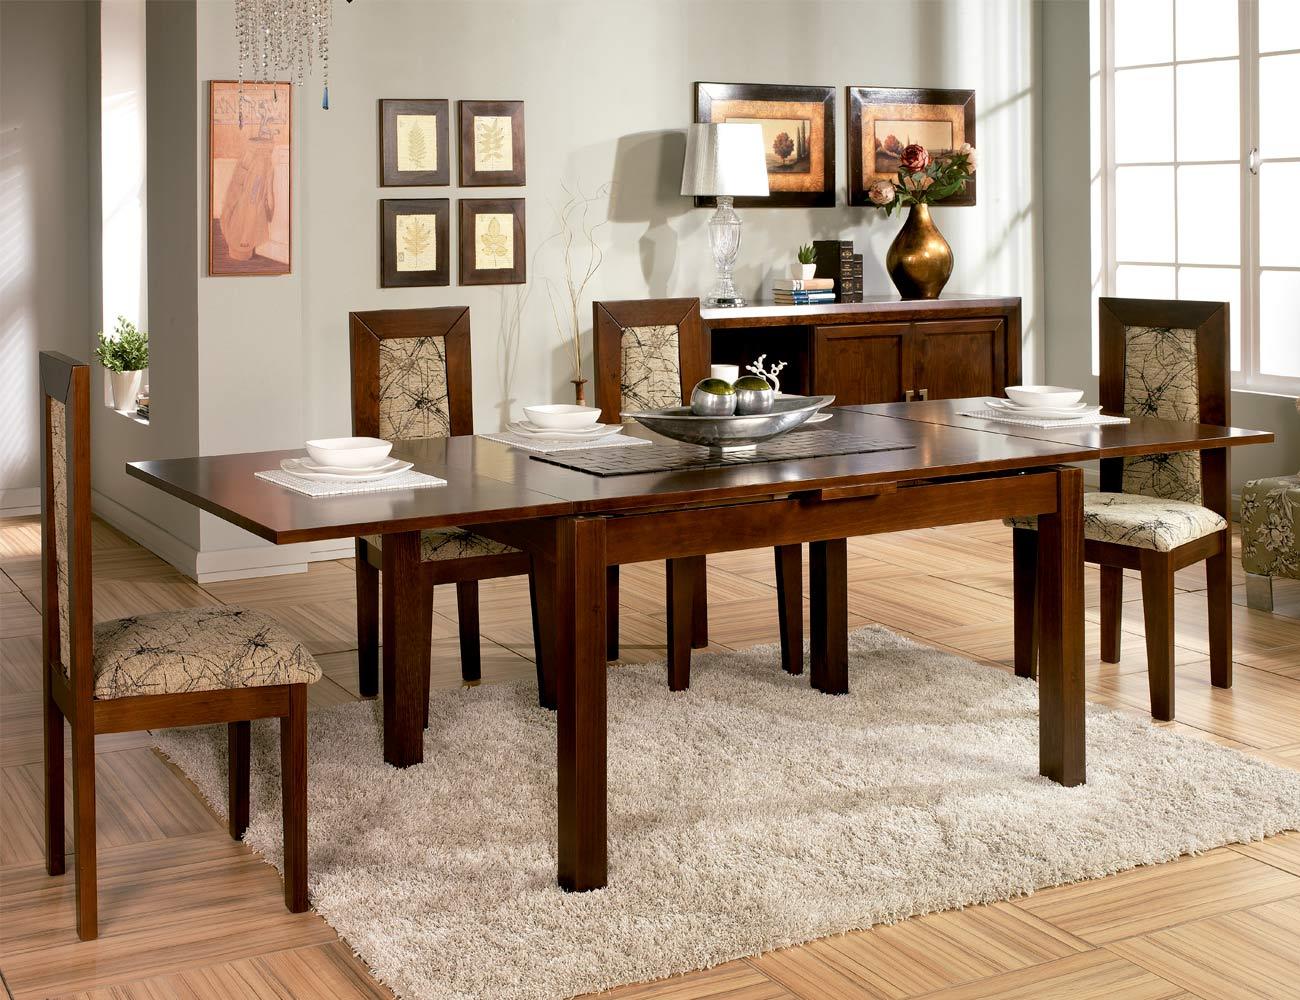 Composicion33 mesa salon comedor sillas tapizadas madera